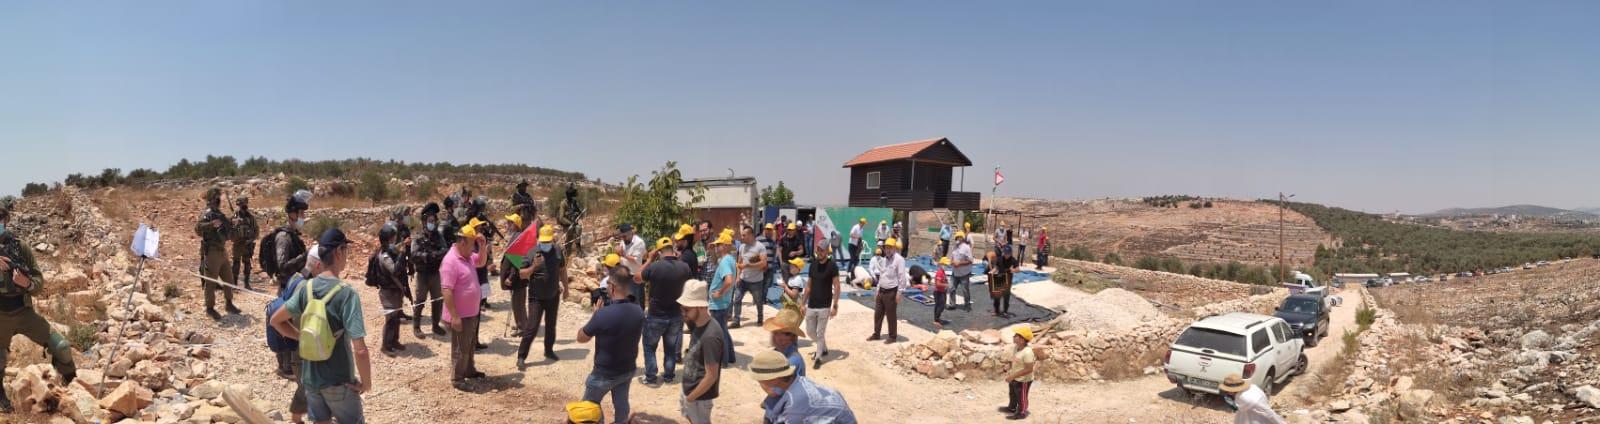 המאחז נמצא בראש הגבעה מאחורי החיילים ובלב השטח החקלאי של סלפית. בכל שבוע מגיעים פלסטינים מהאזור להפגנה ולפעמים אנחנו מצטרפים אליהם.